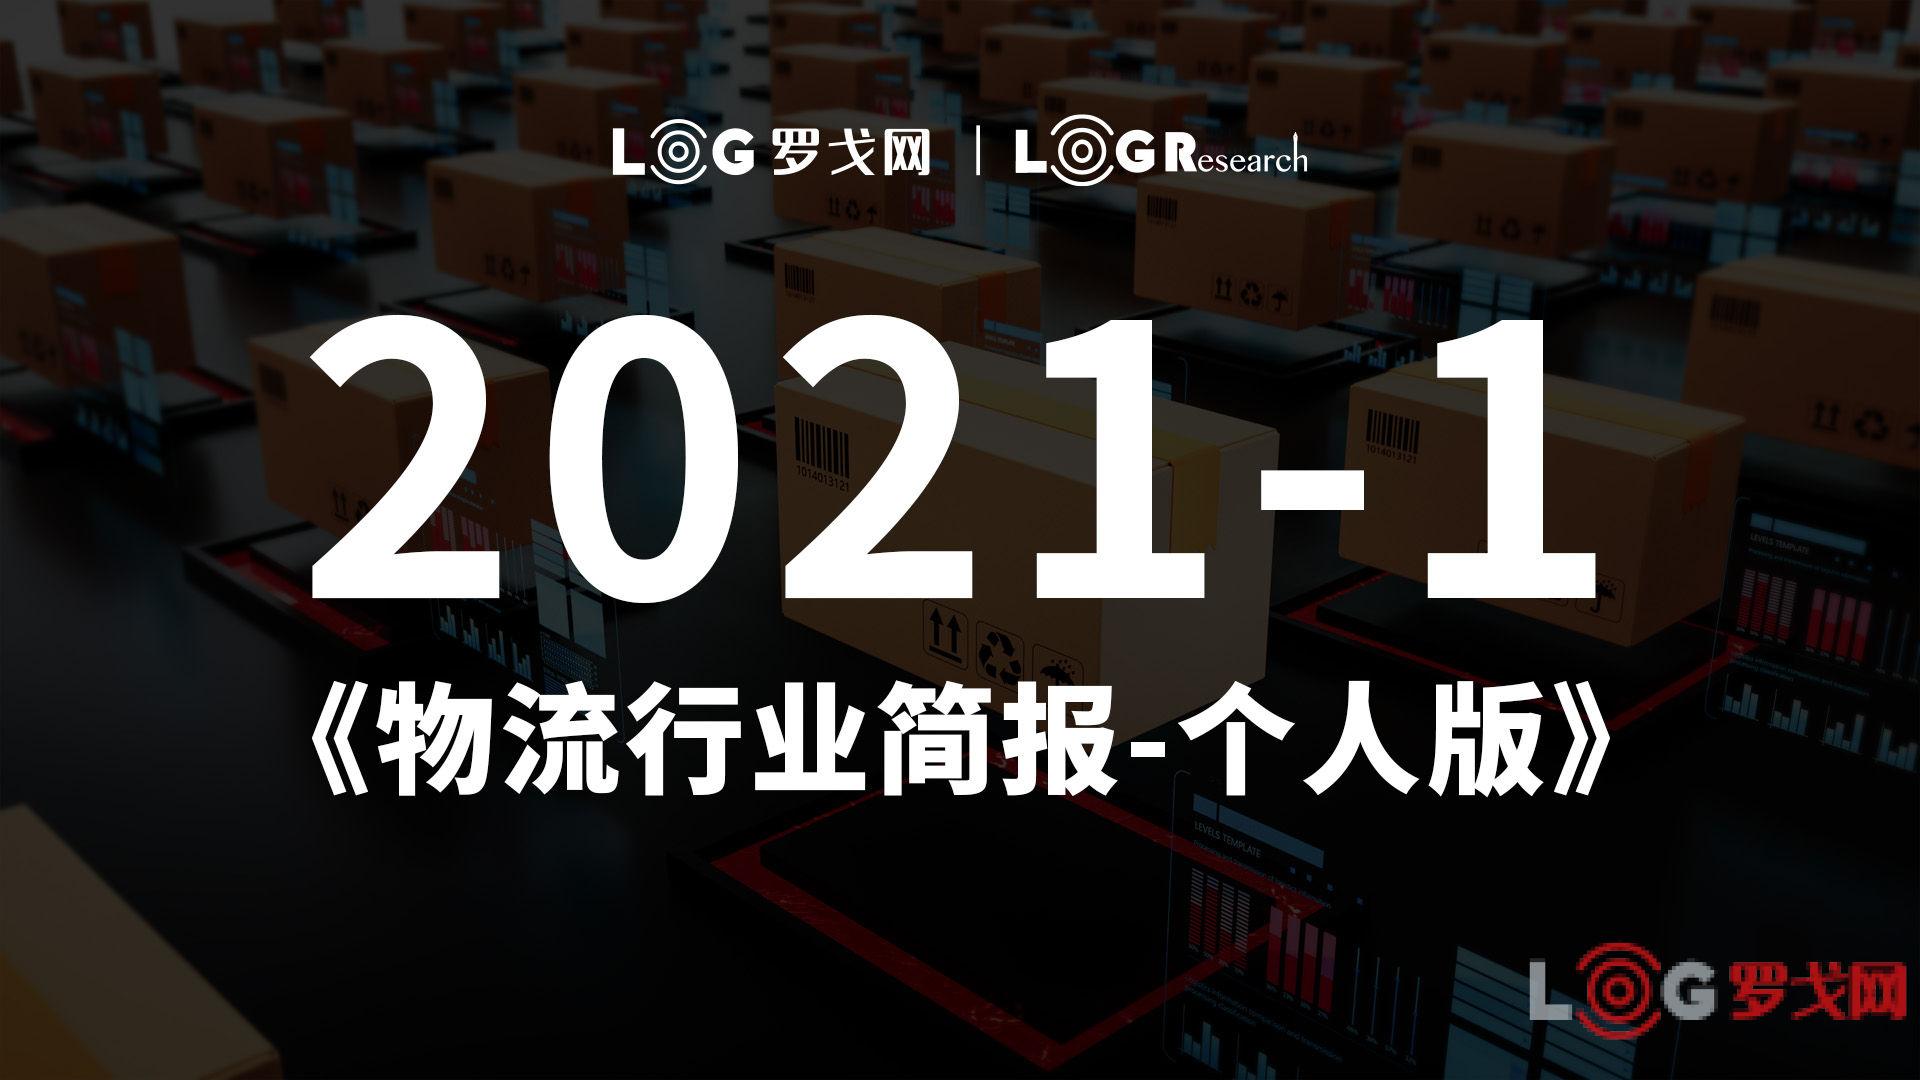 2021-01物流行业简报-个人版